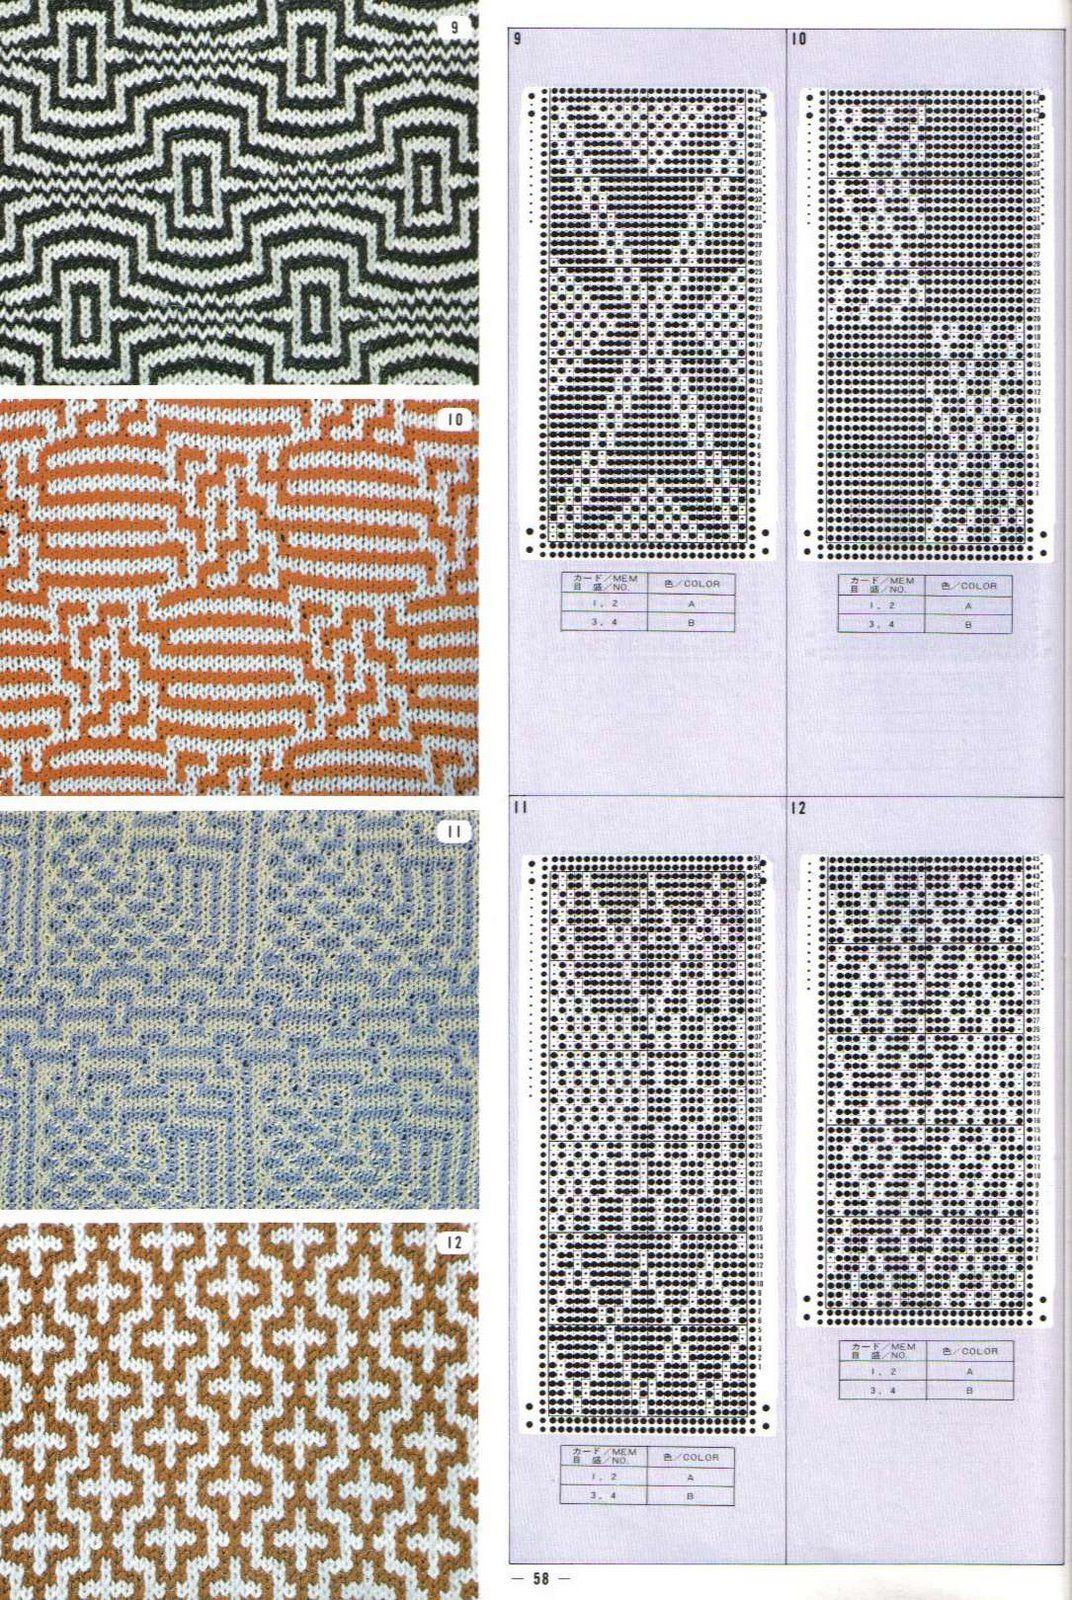 Abu19mfg | Knitting Patern Library | Pinterest | Mochilas, Tejido y ...